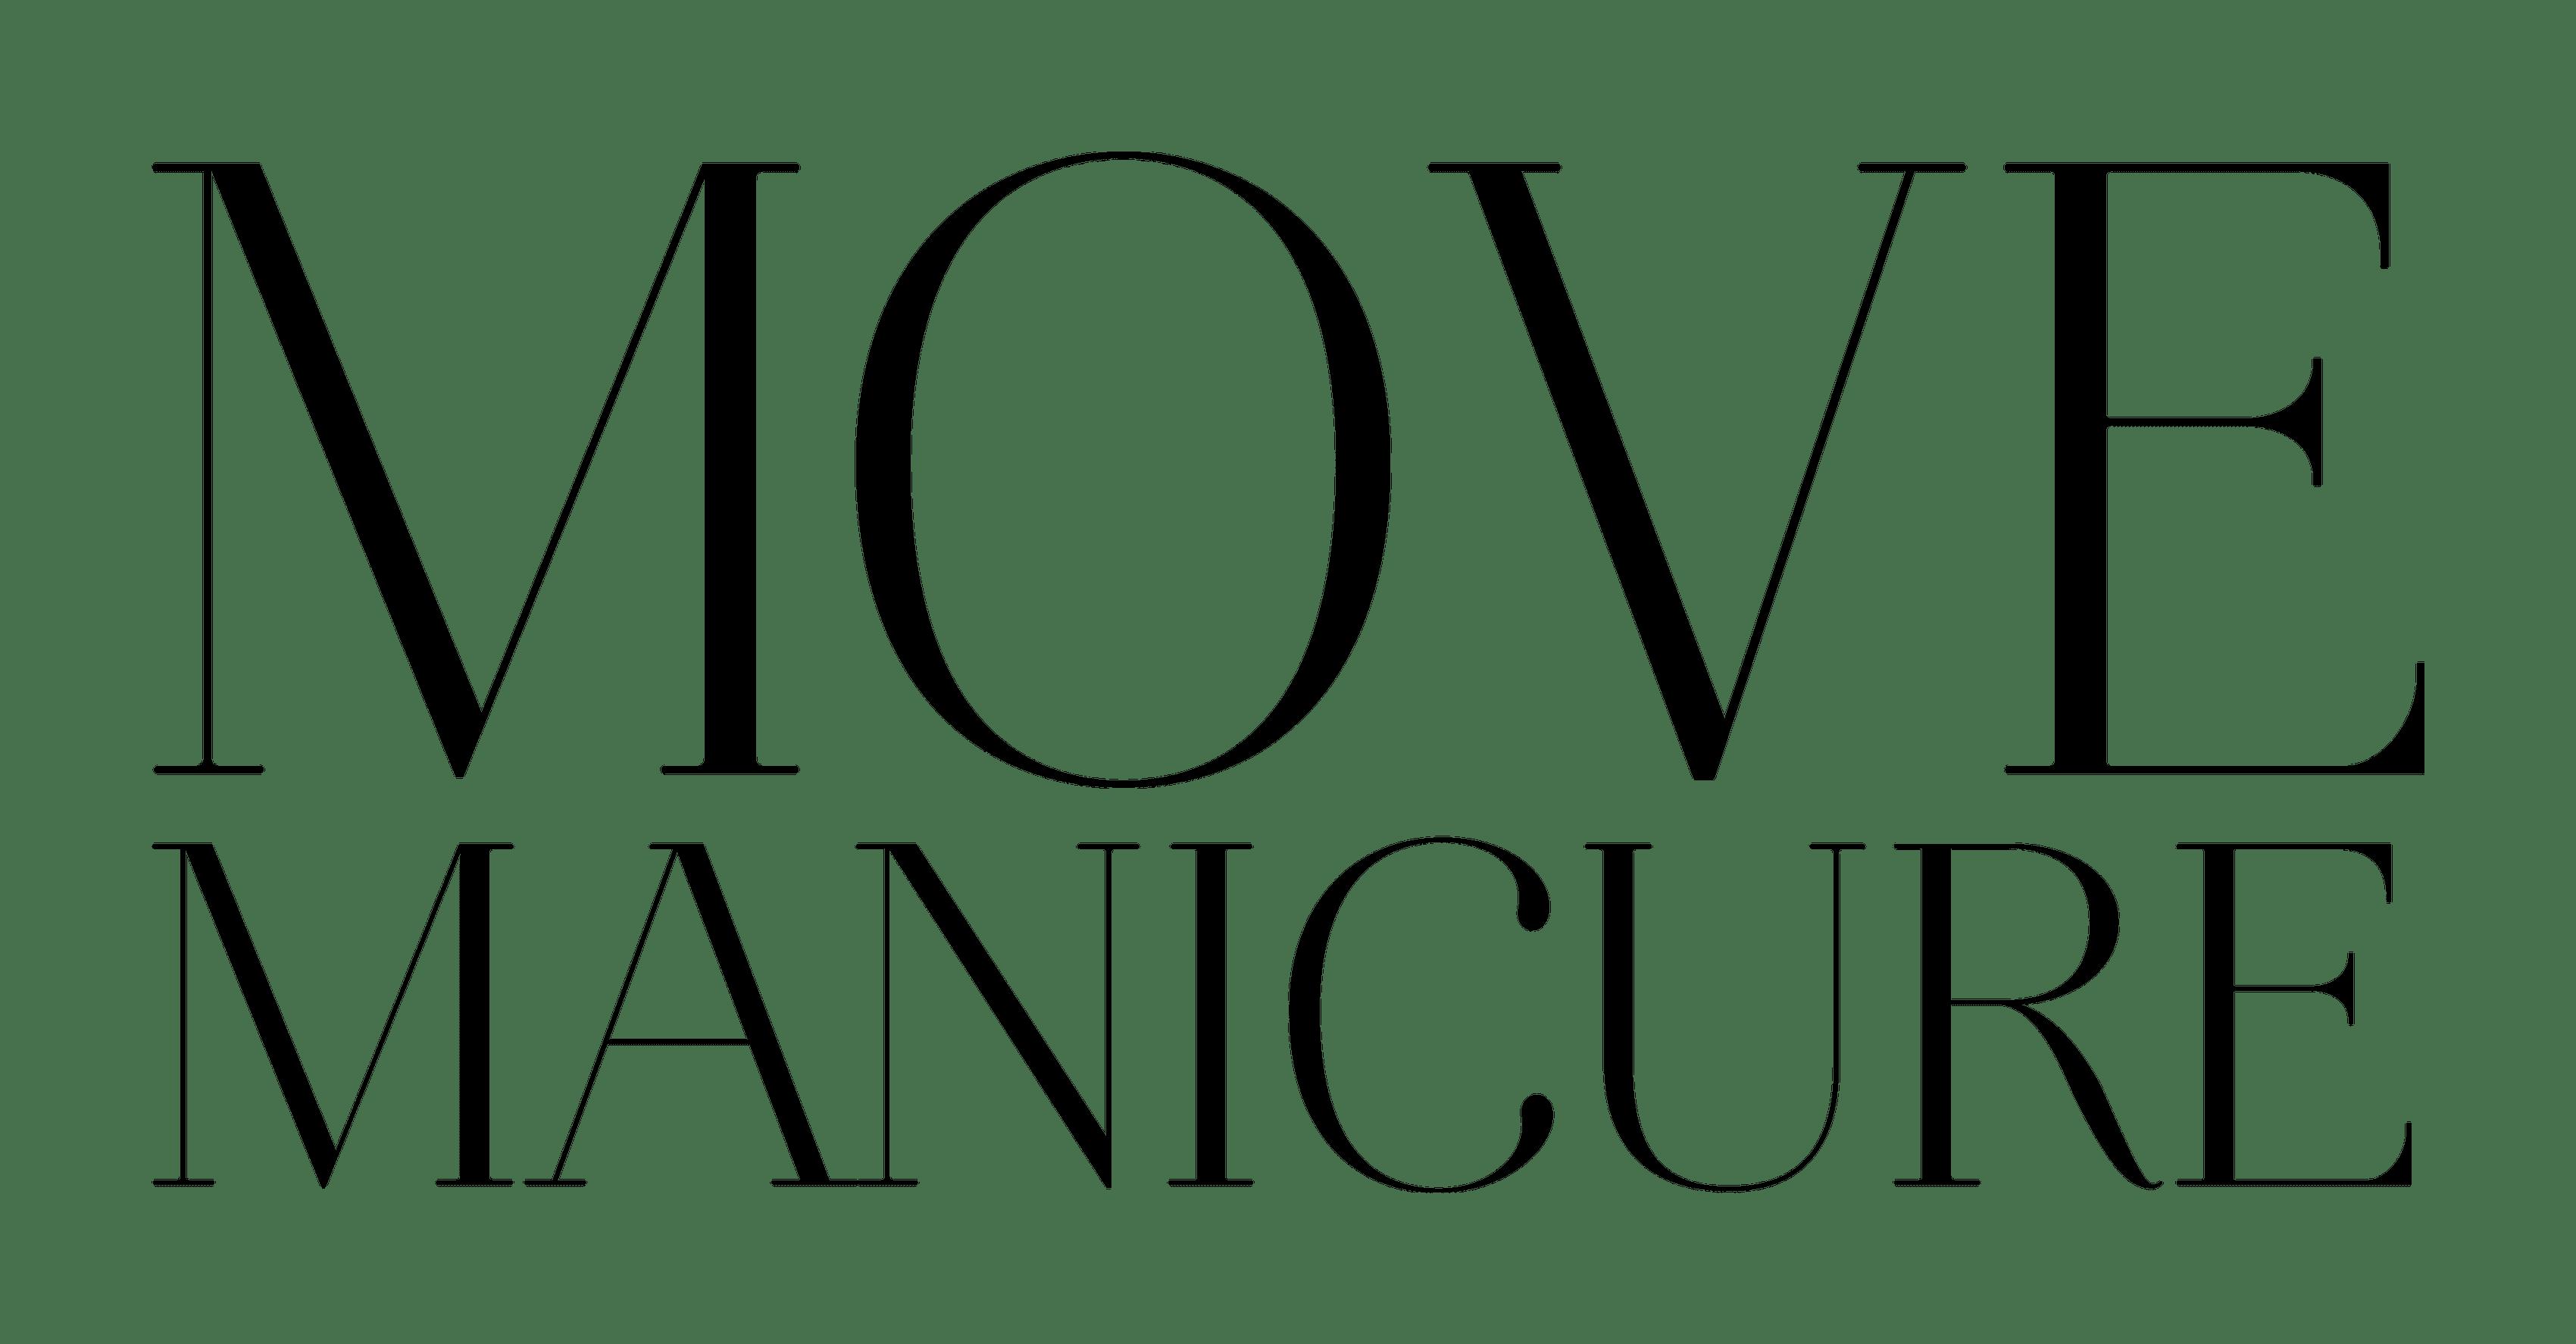 Move Manicure: Manicure & pedicure services